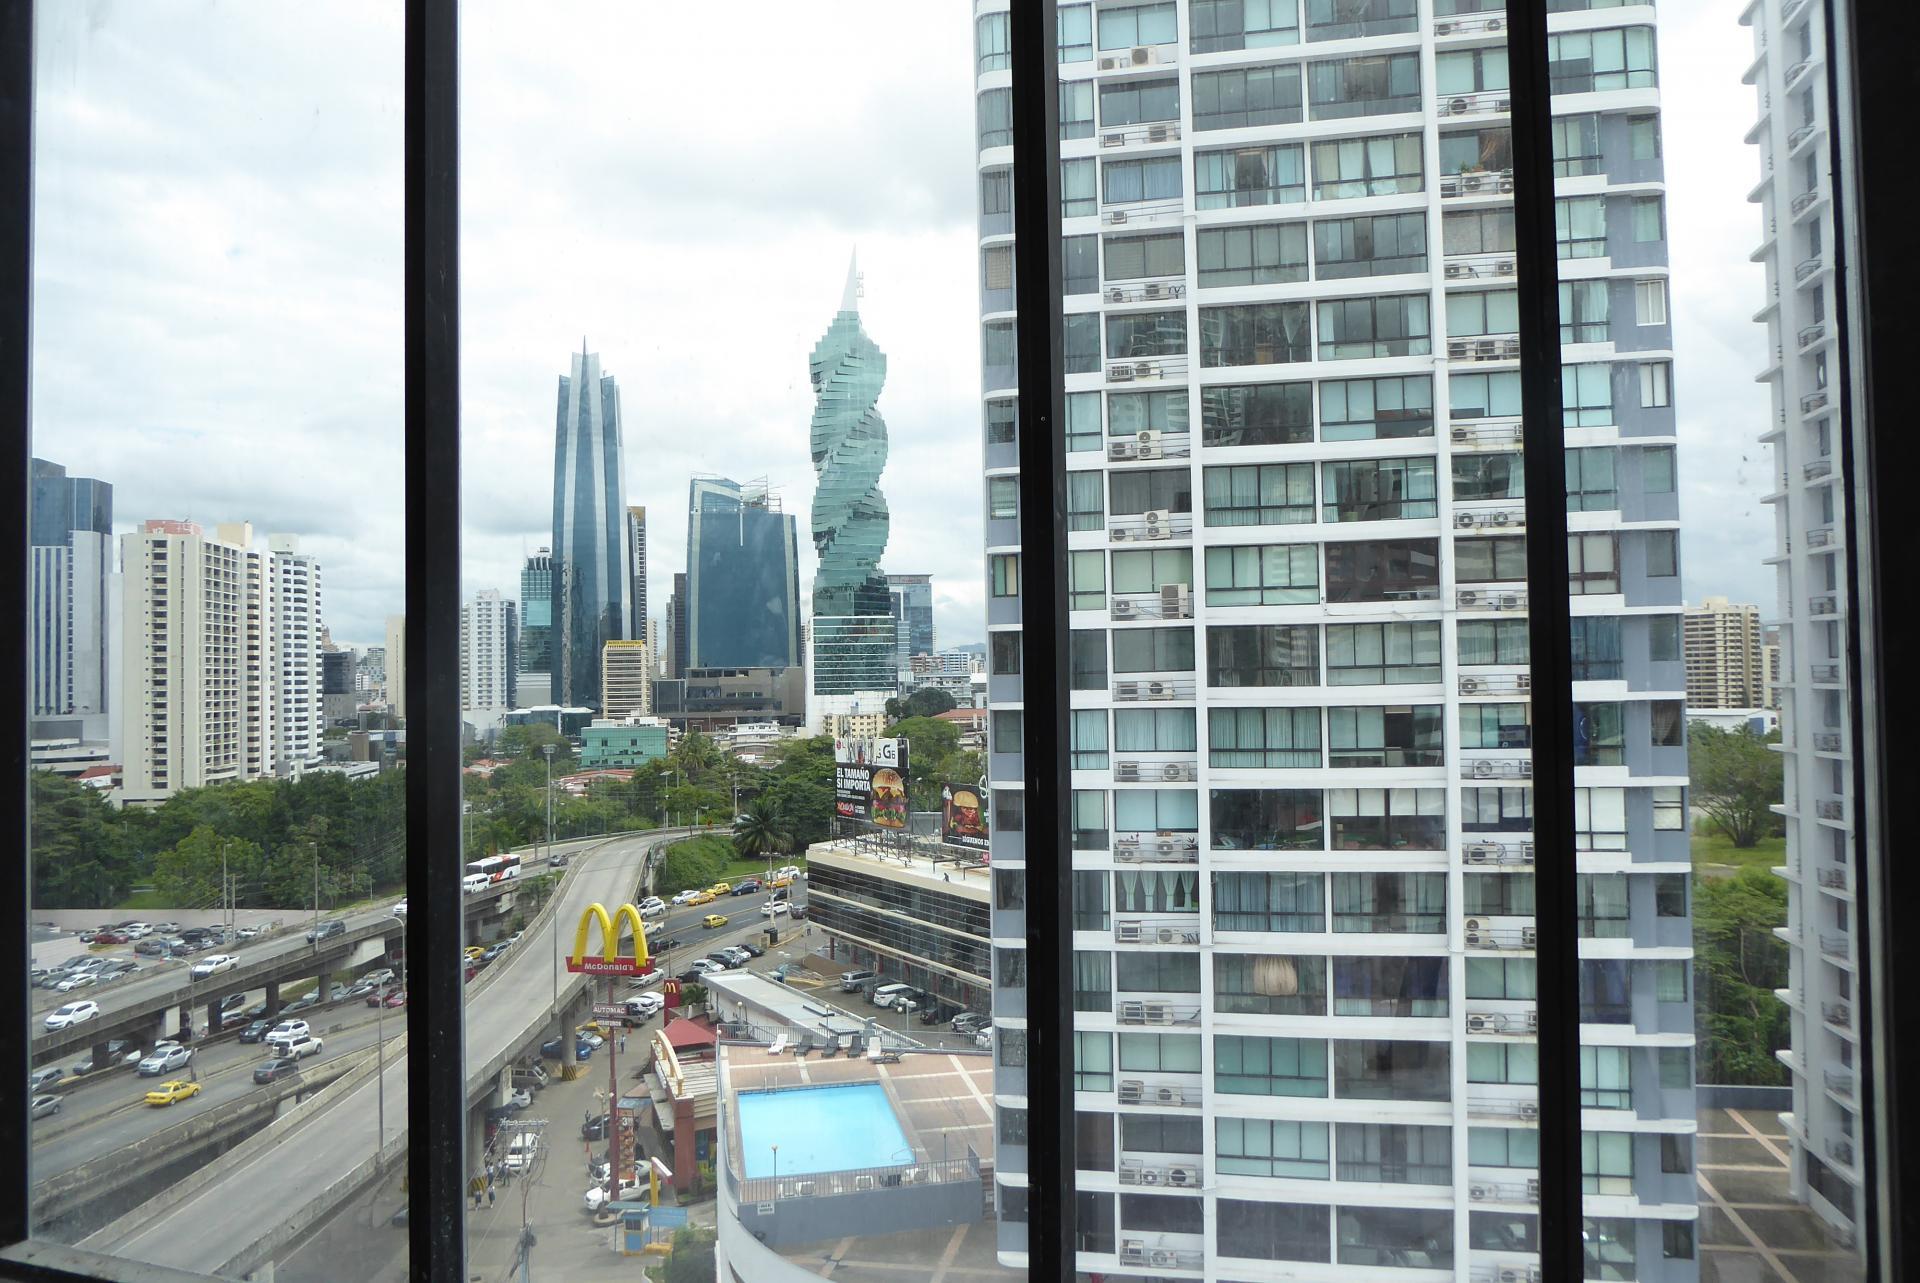 RBS OFFICE TOWER IN PAITILLA PANAMA CITY